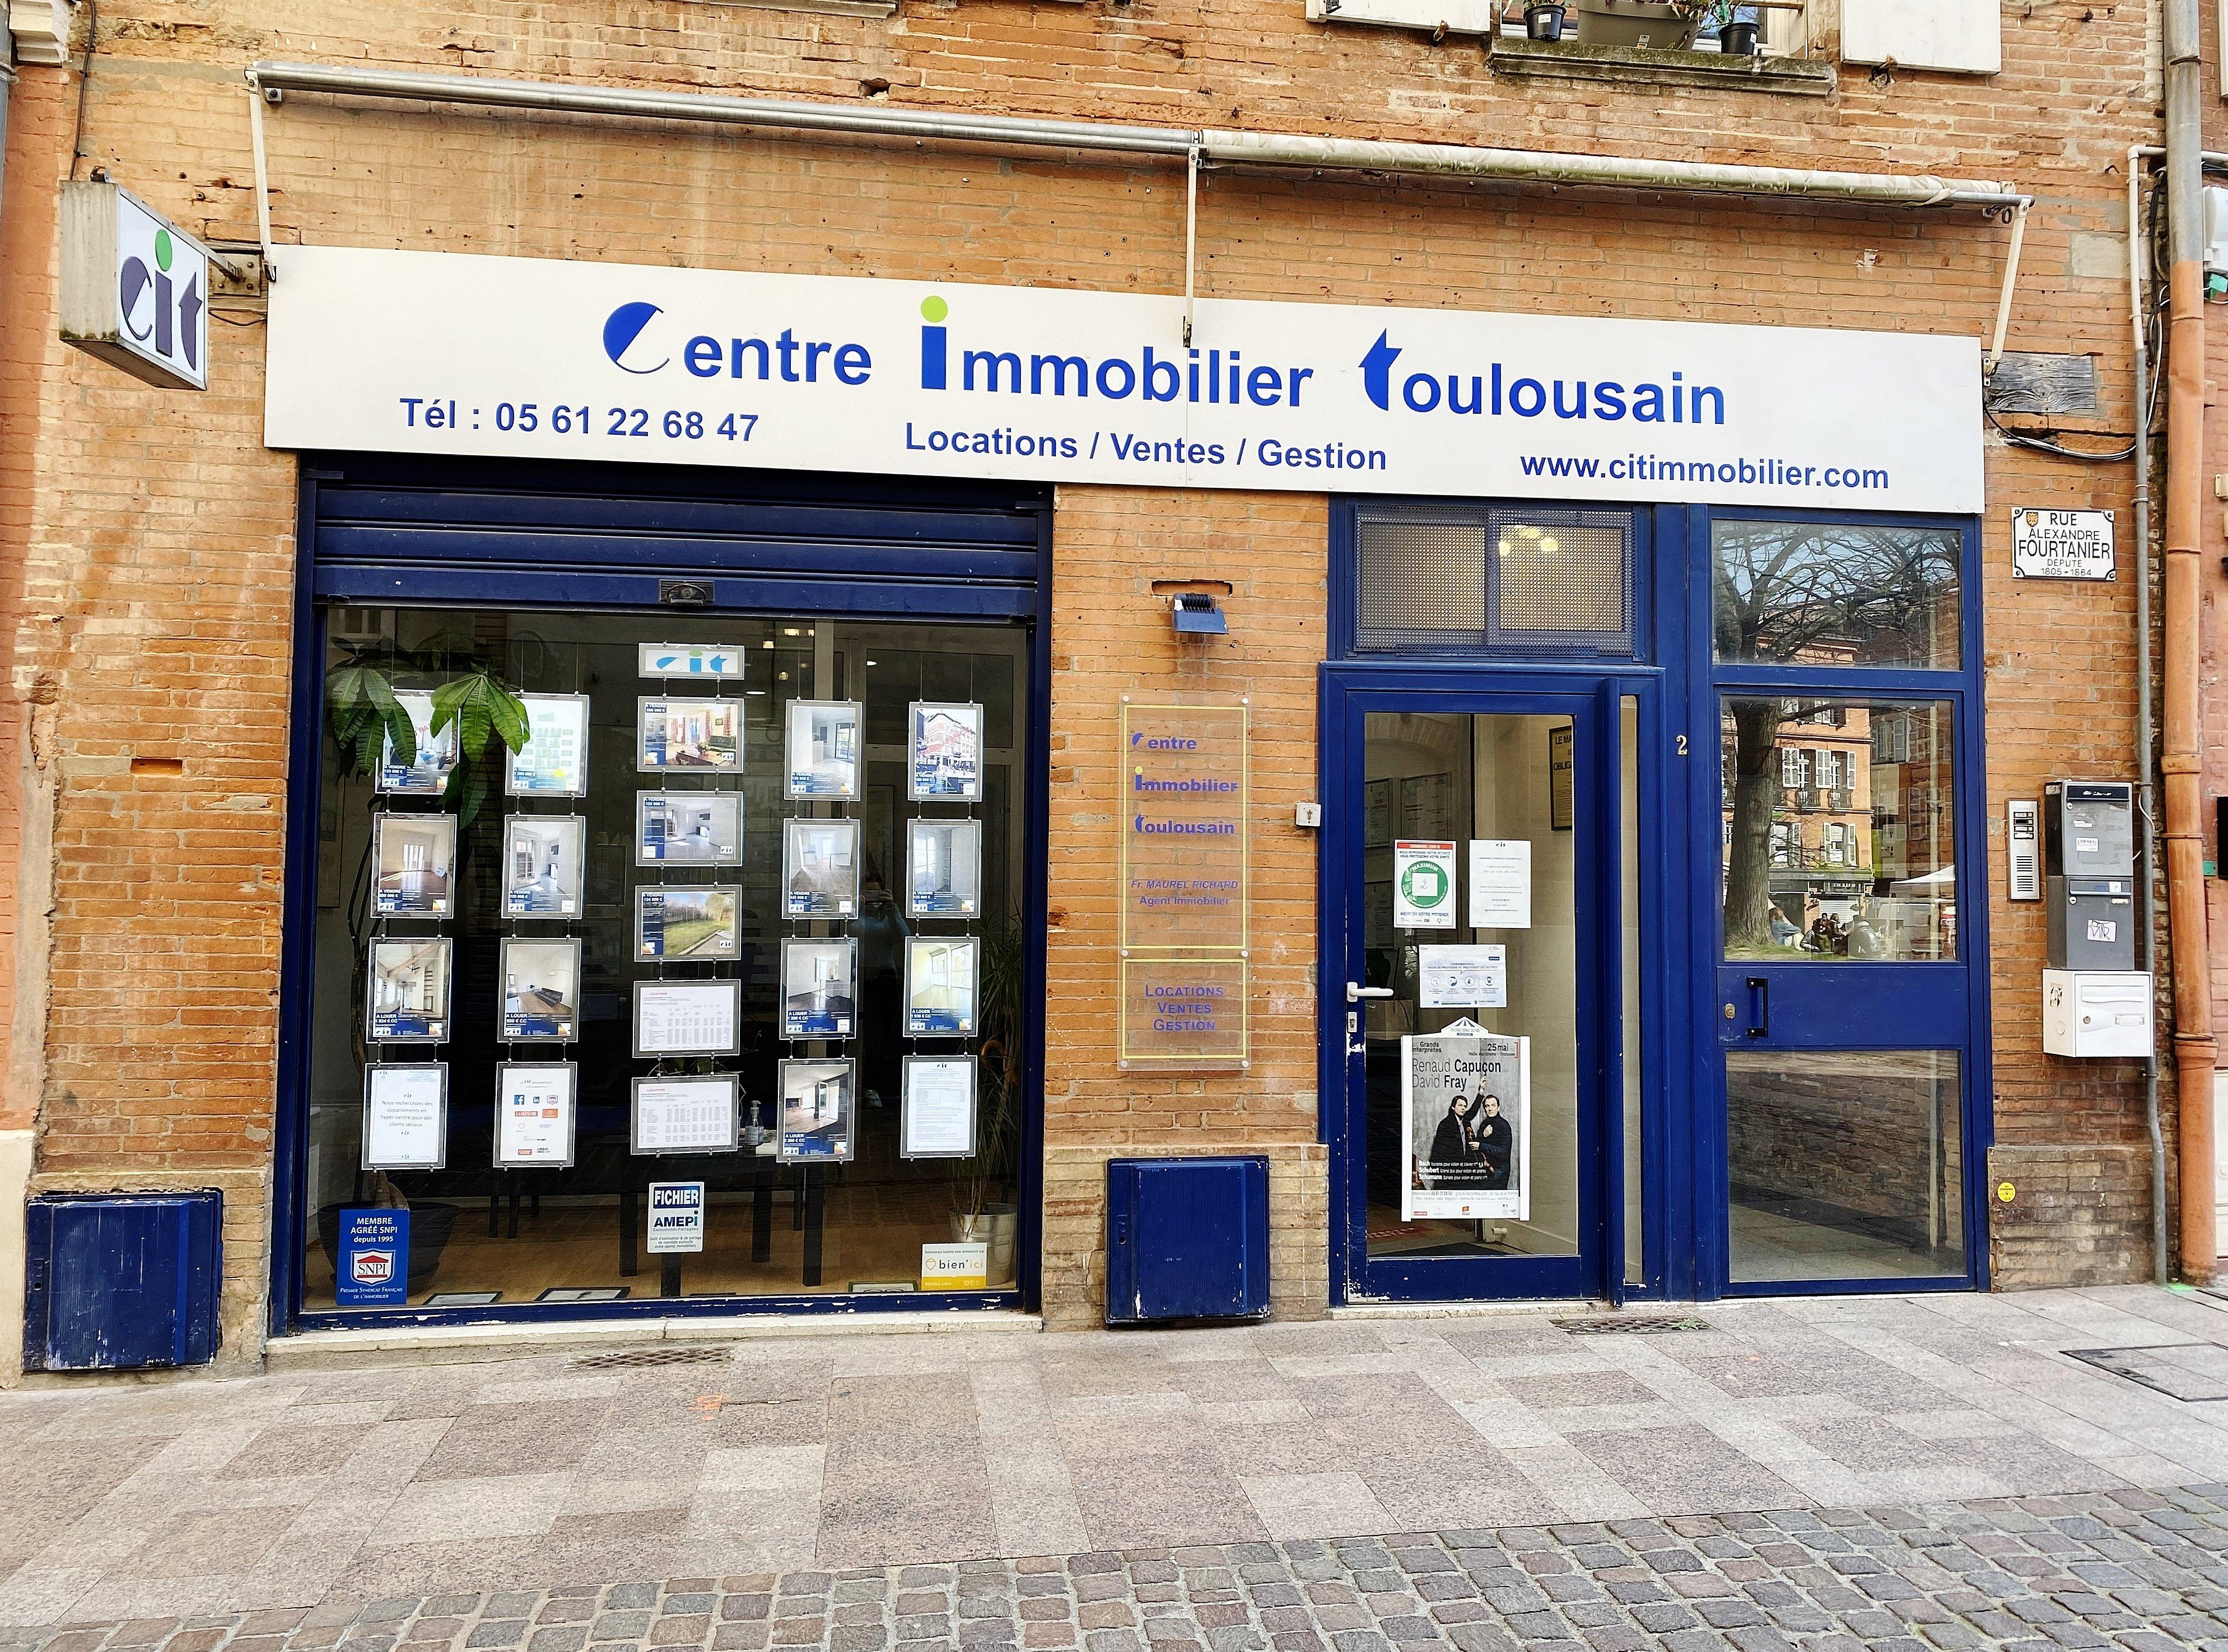 Centre Immobilier Toulousain